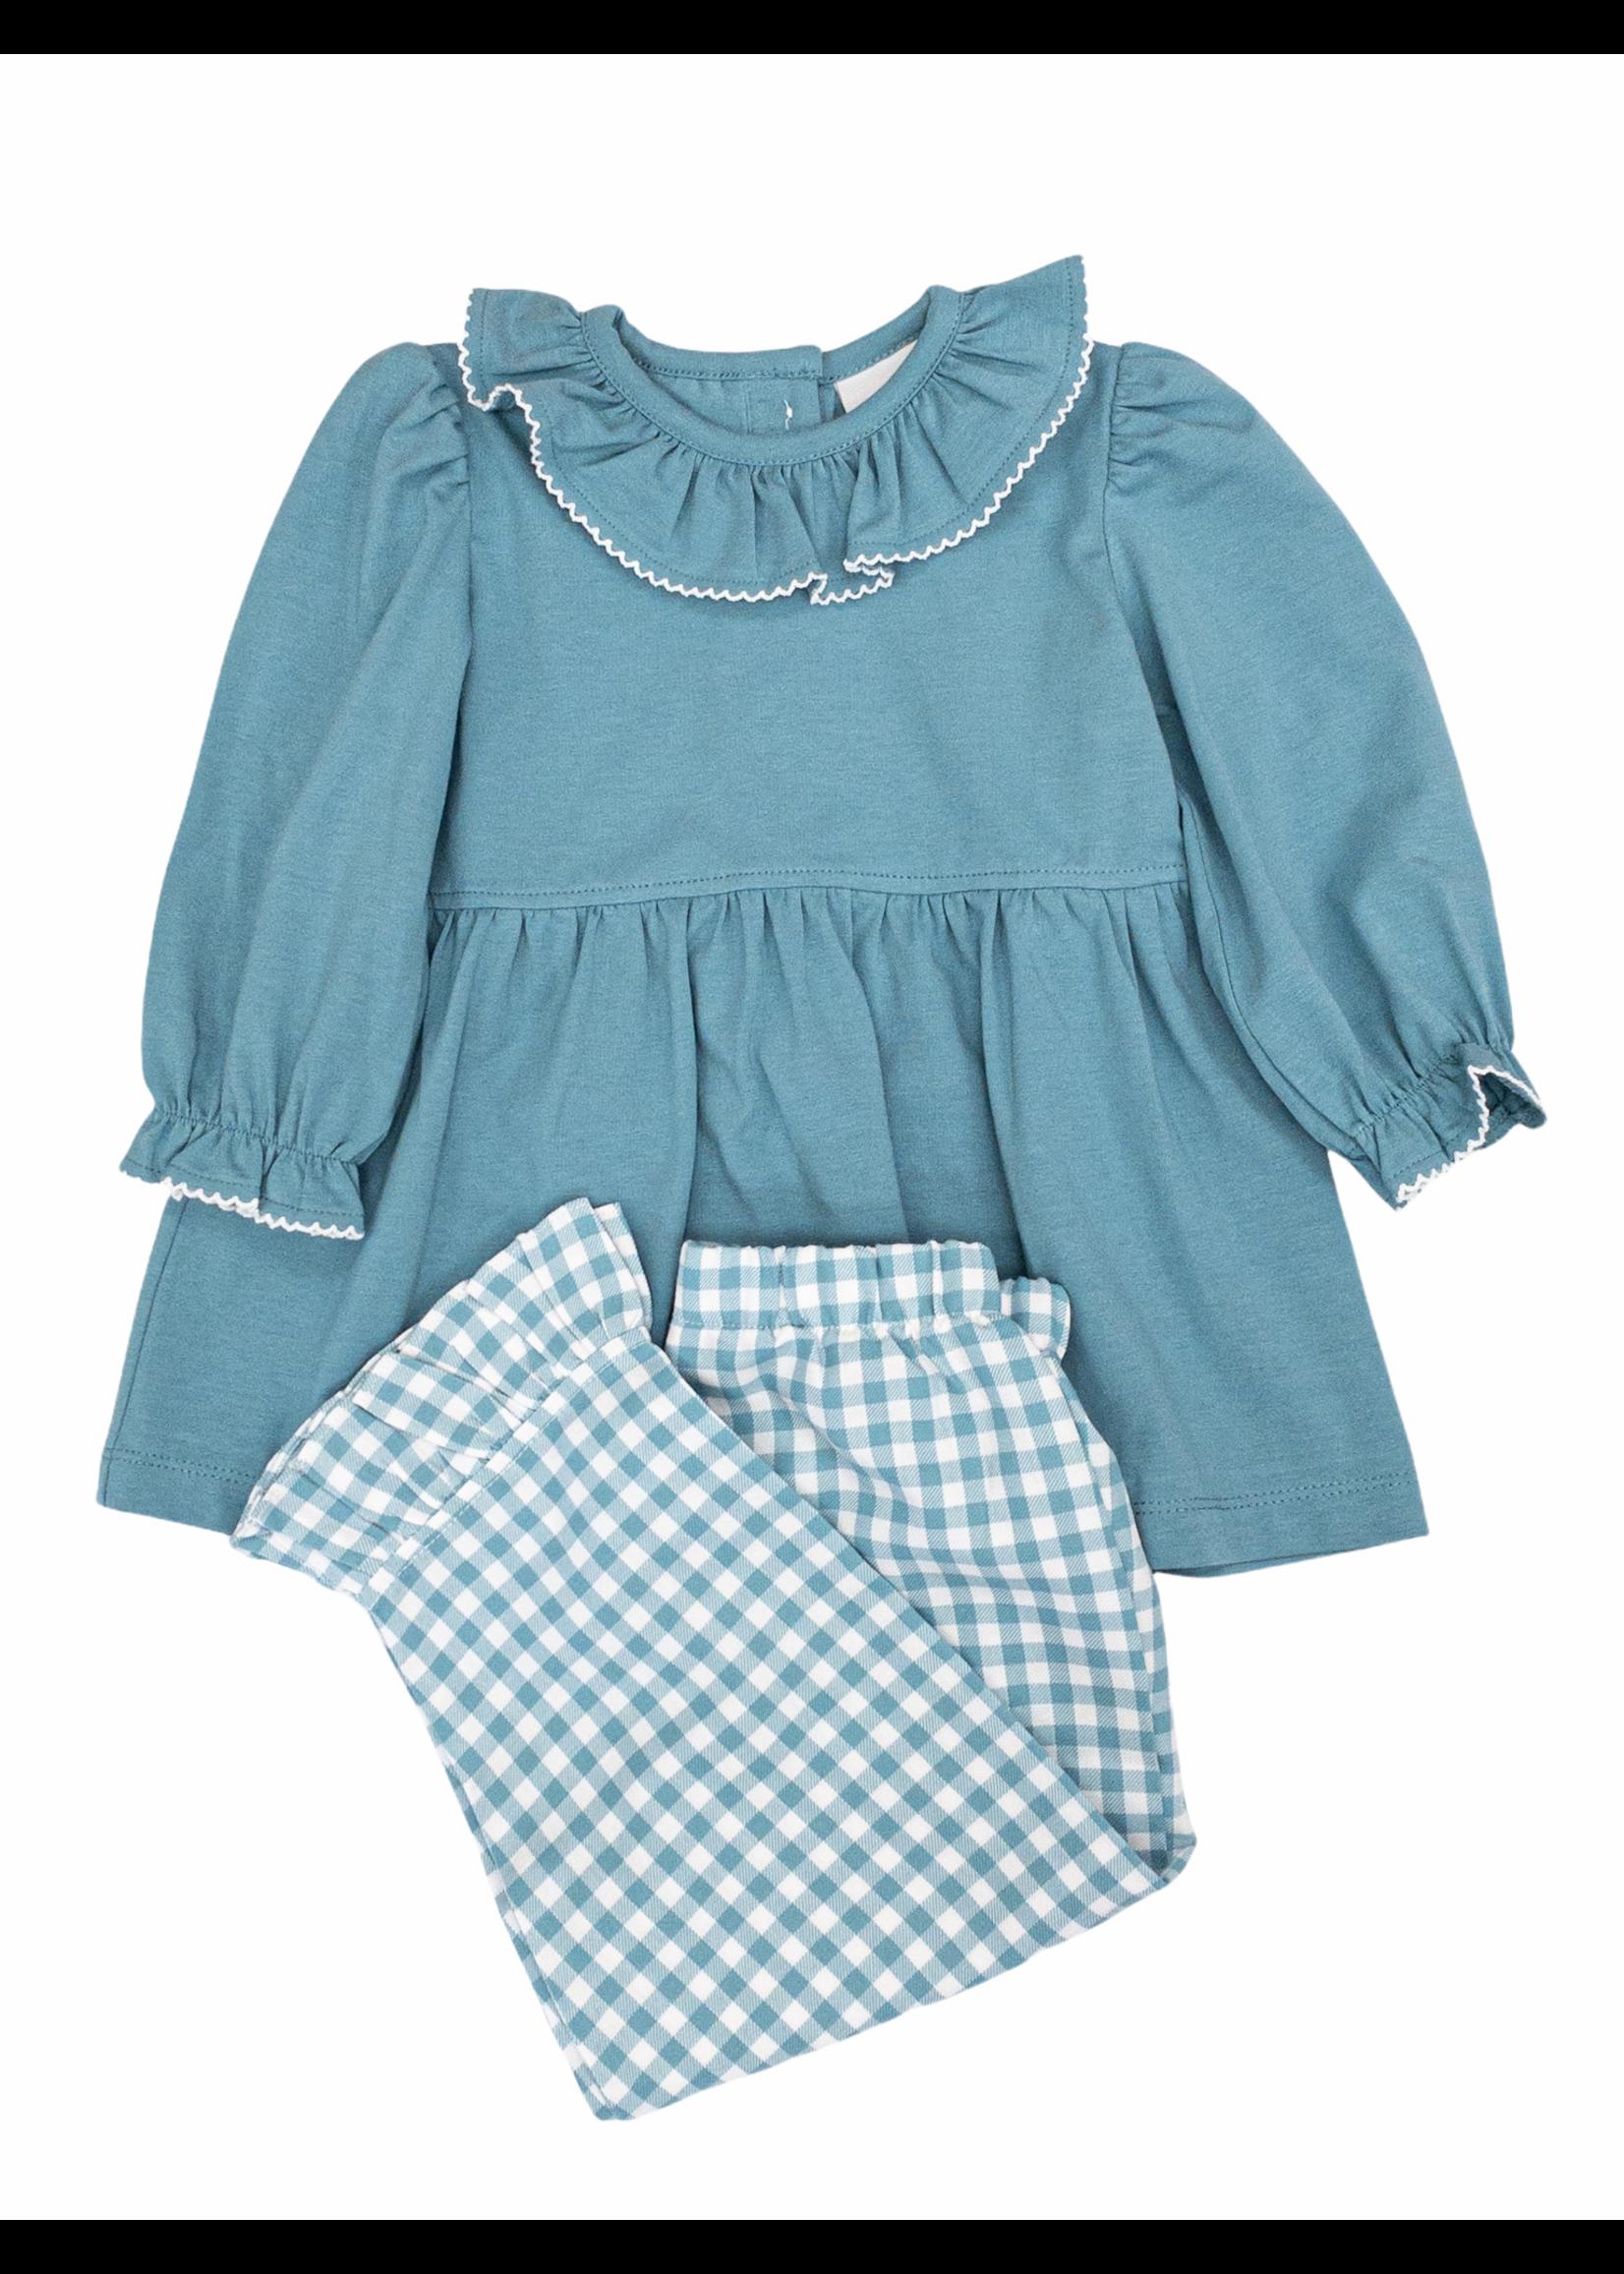 Delaney 79  Aqua Knit Top & Check Pant Set